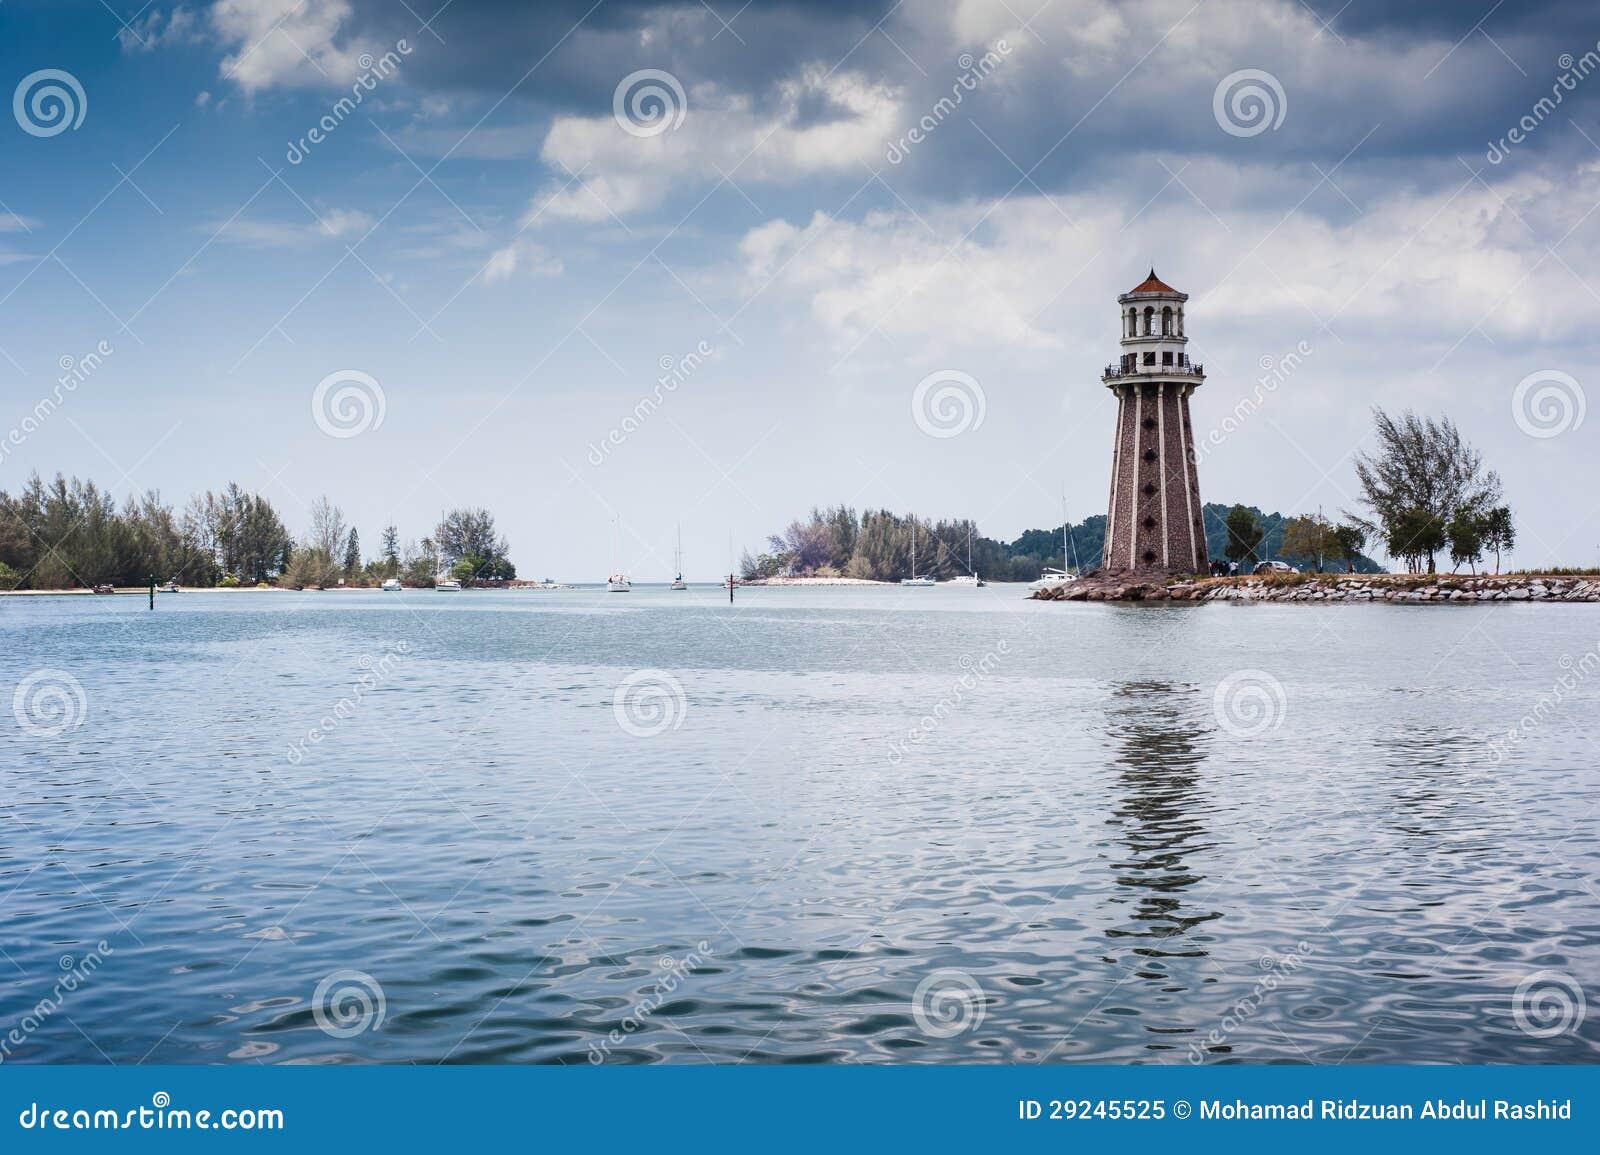 Download Farol imagem de stock. Imagem de nuvens, nave, indústrias - 29245525